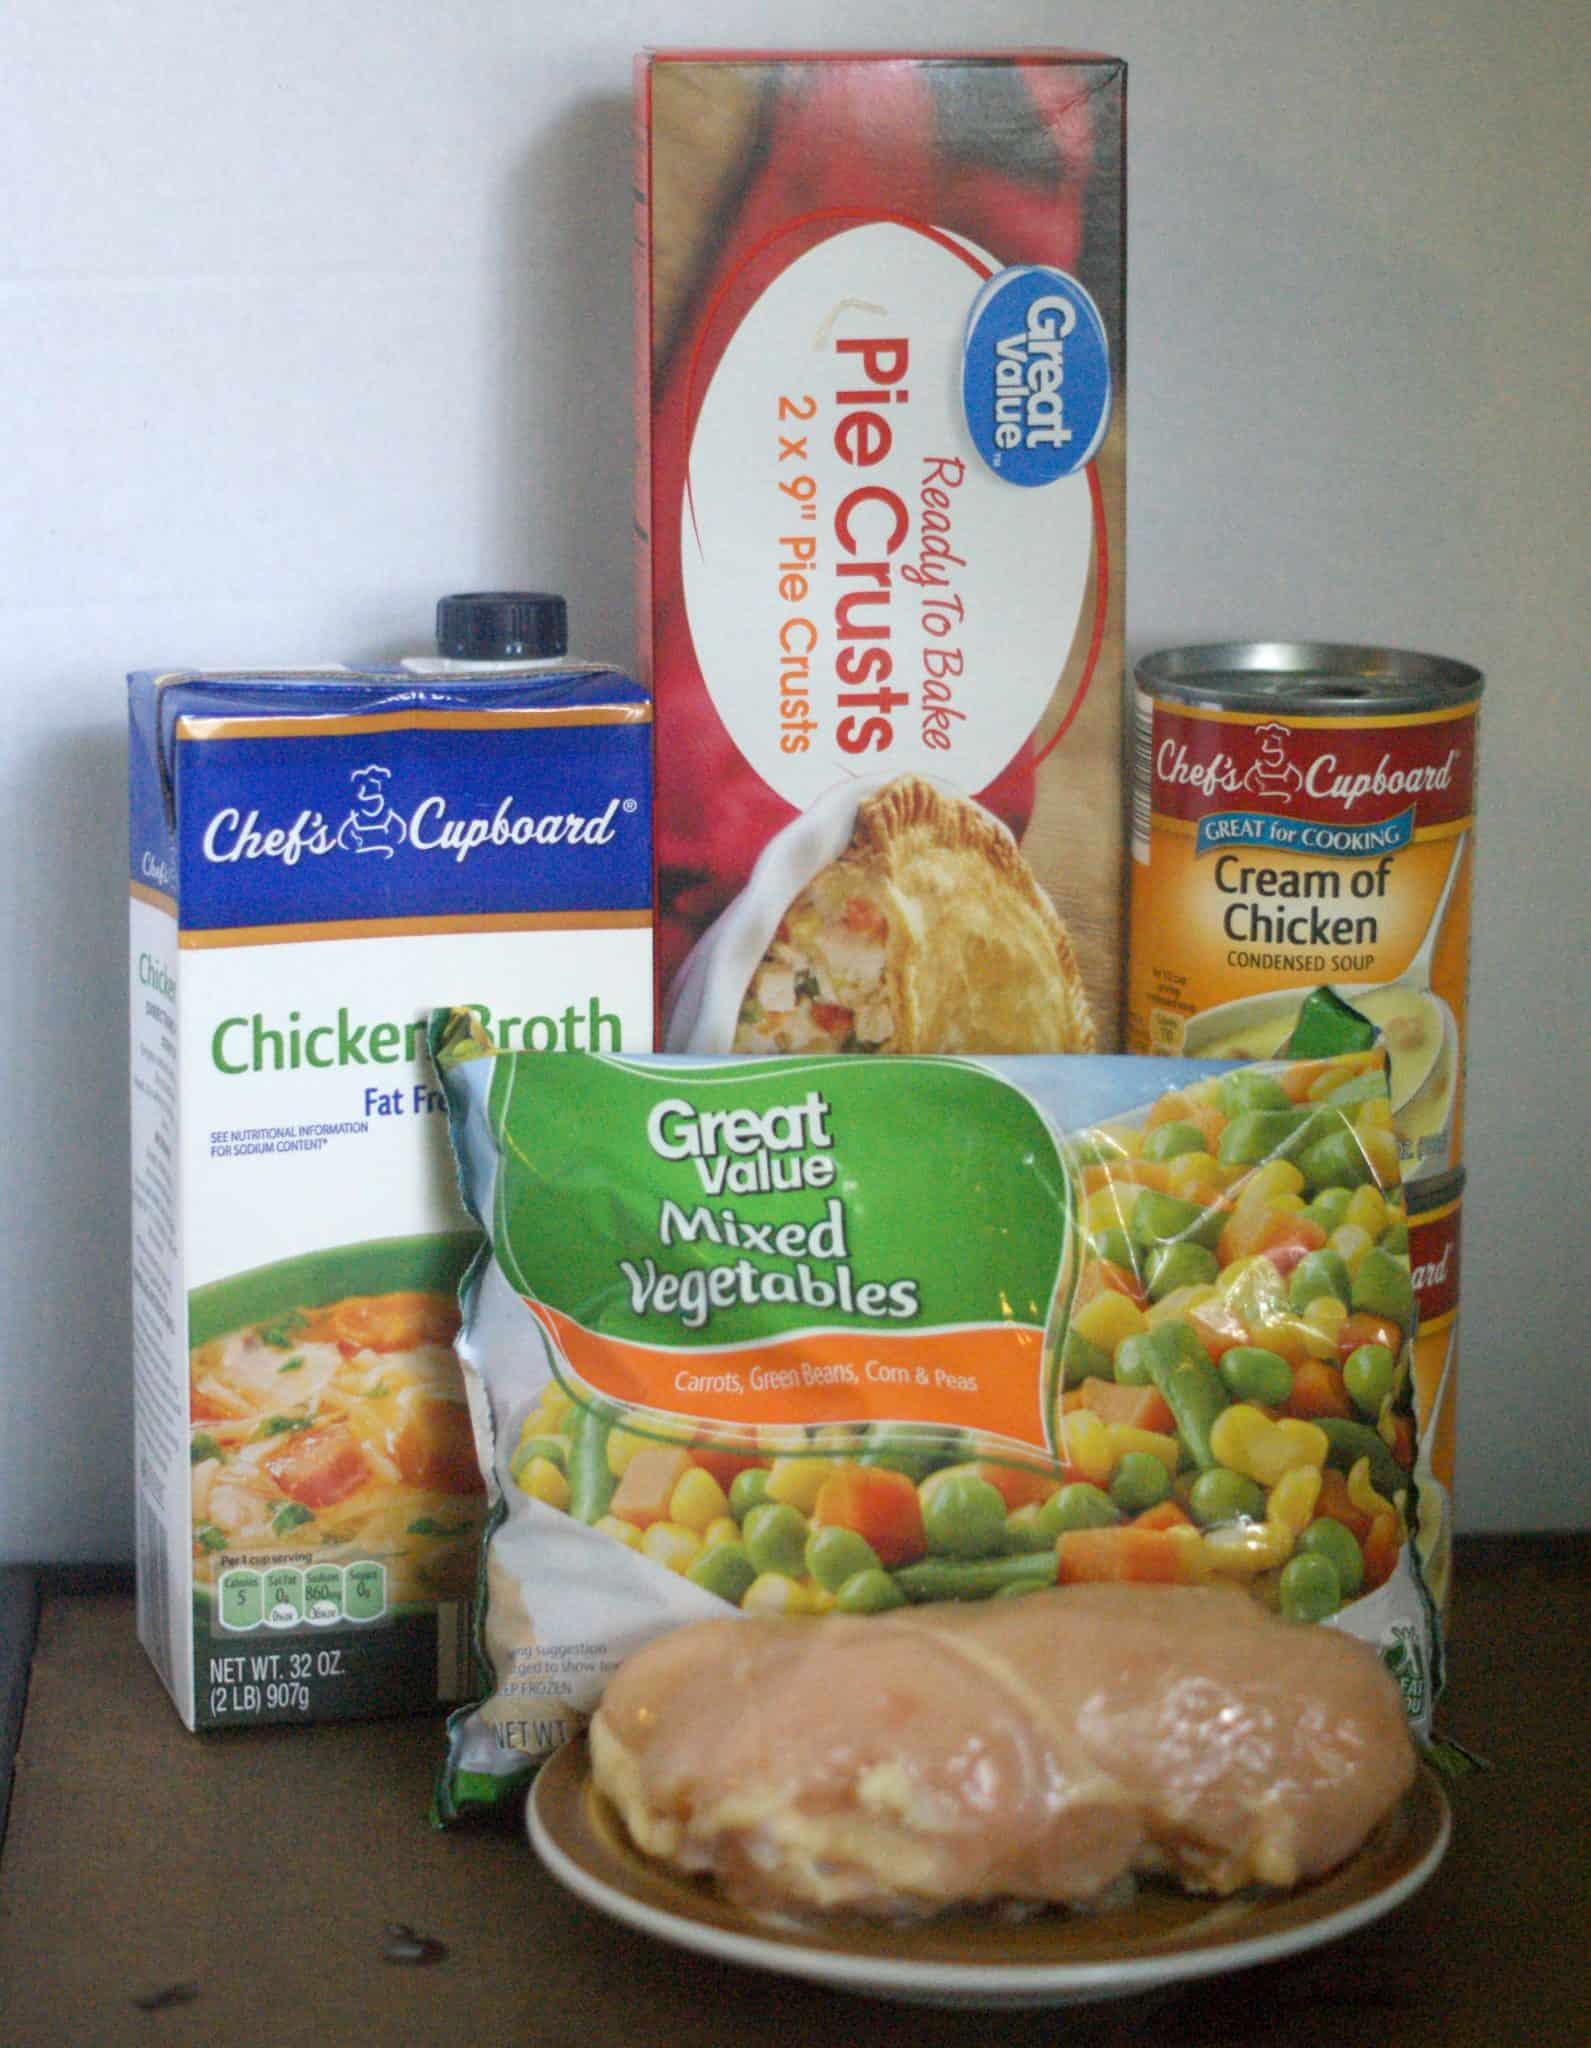 Chicken Pot Pie ingredients - Chicken breasts, mixed vegetables, chicken broth, pie crust, cream of chicken soup